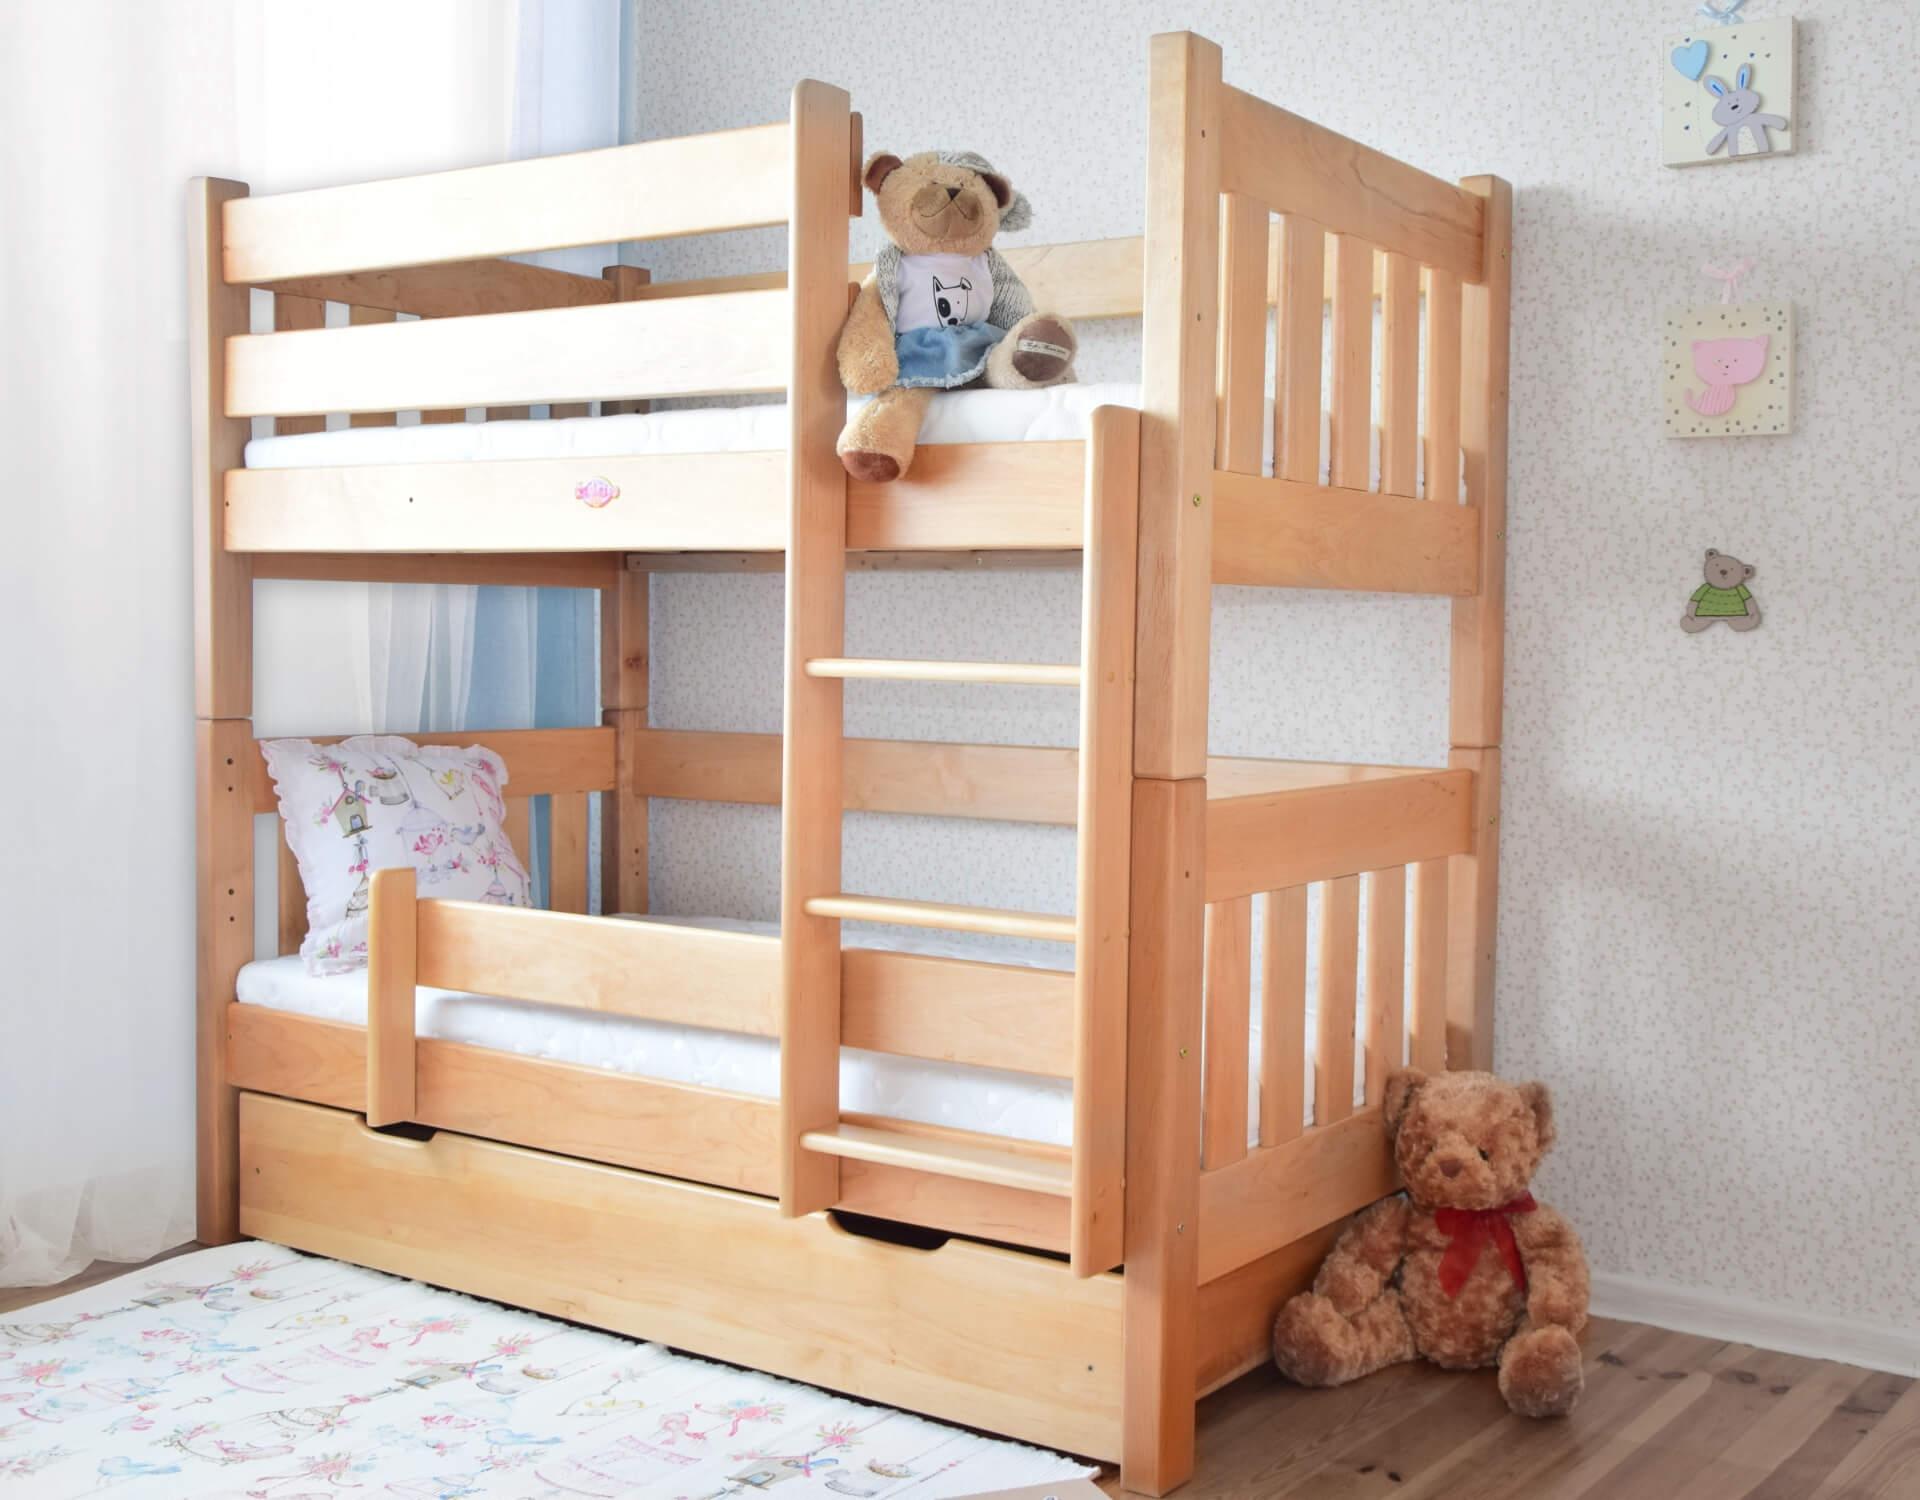 łóżko Piętrowe Z Olchy Pingwin Proste Szczyty Drewniane Olcha Wymiar łóżka Pod Materac 160 X 80